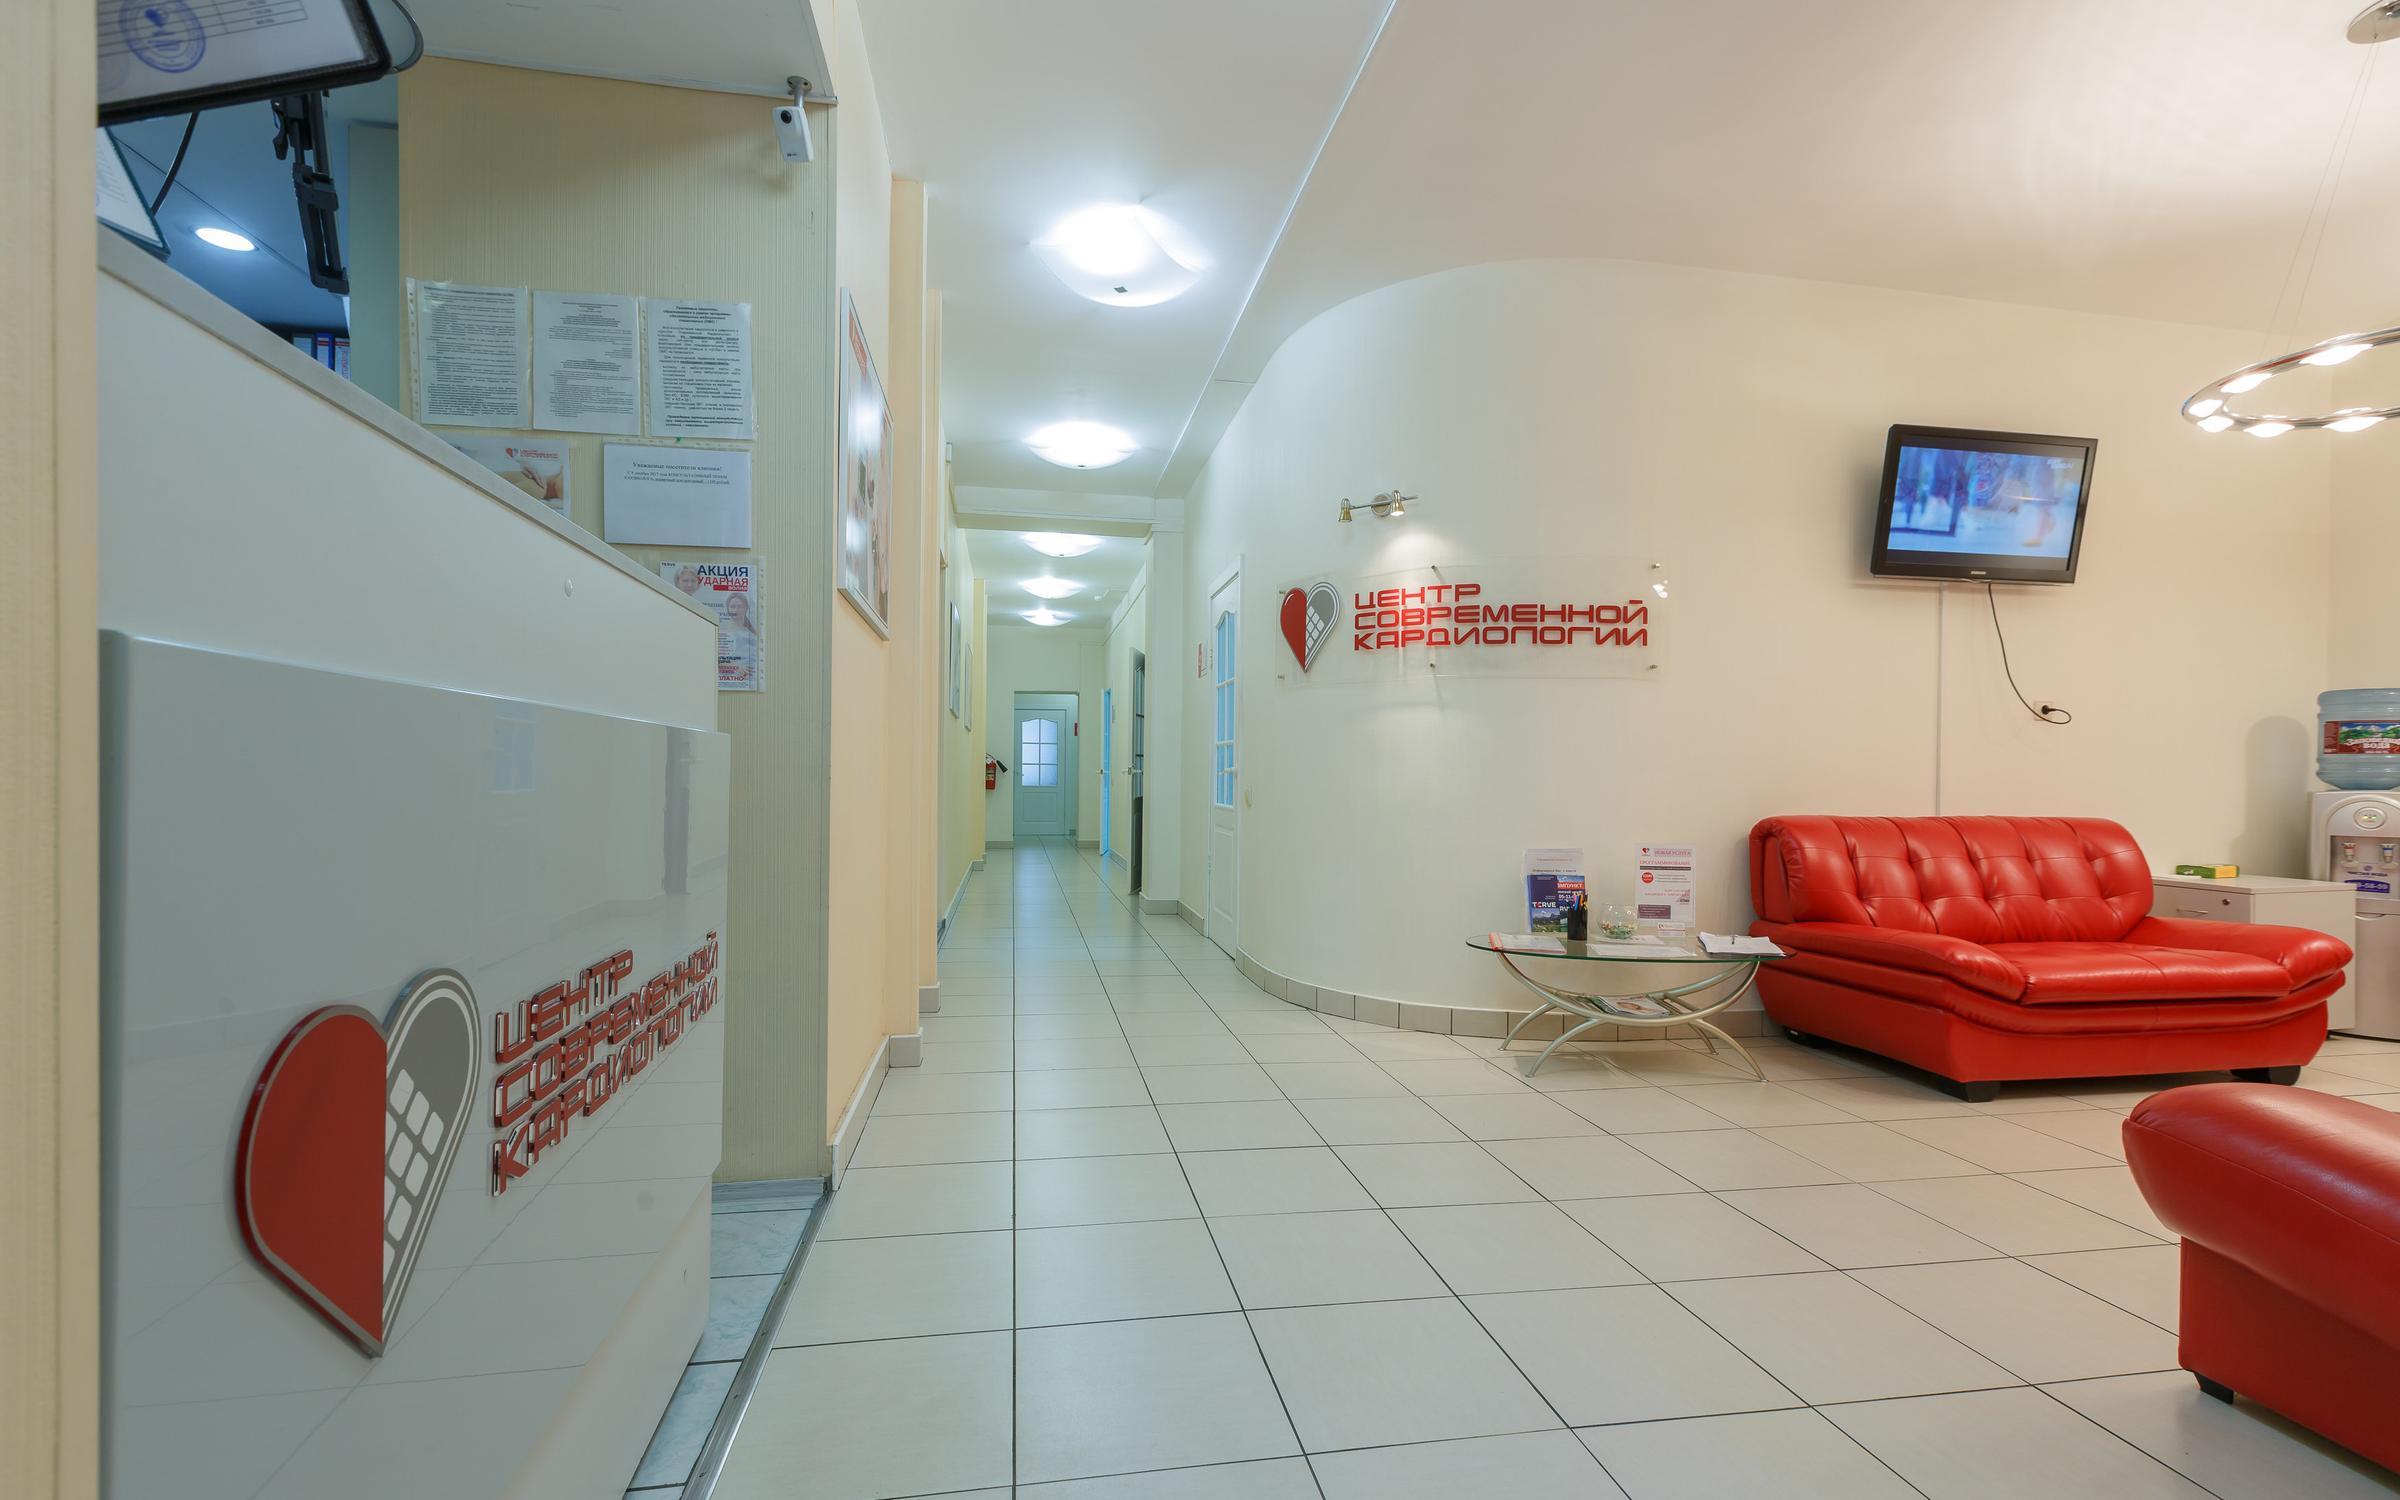 фотография Центра Современной Кардиологии на улице Урванцева